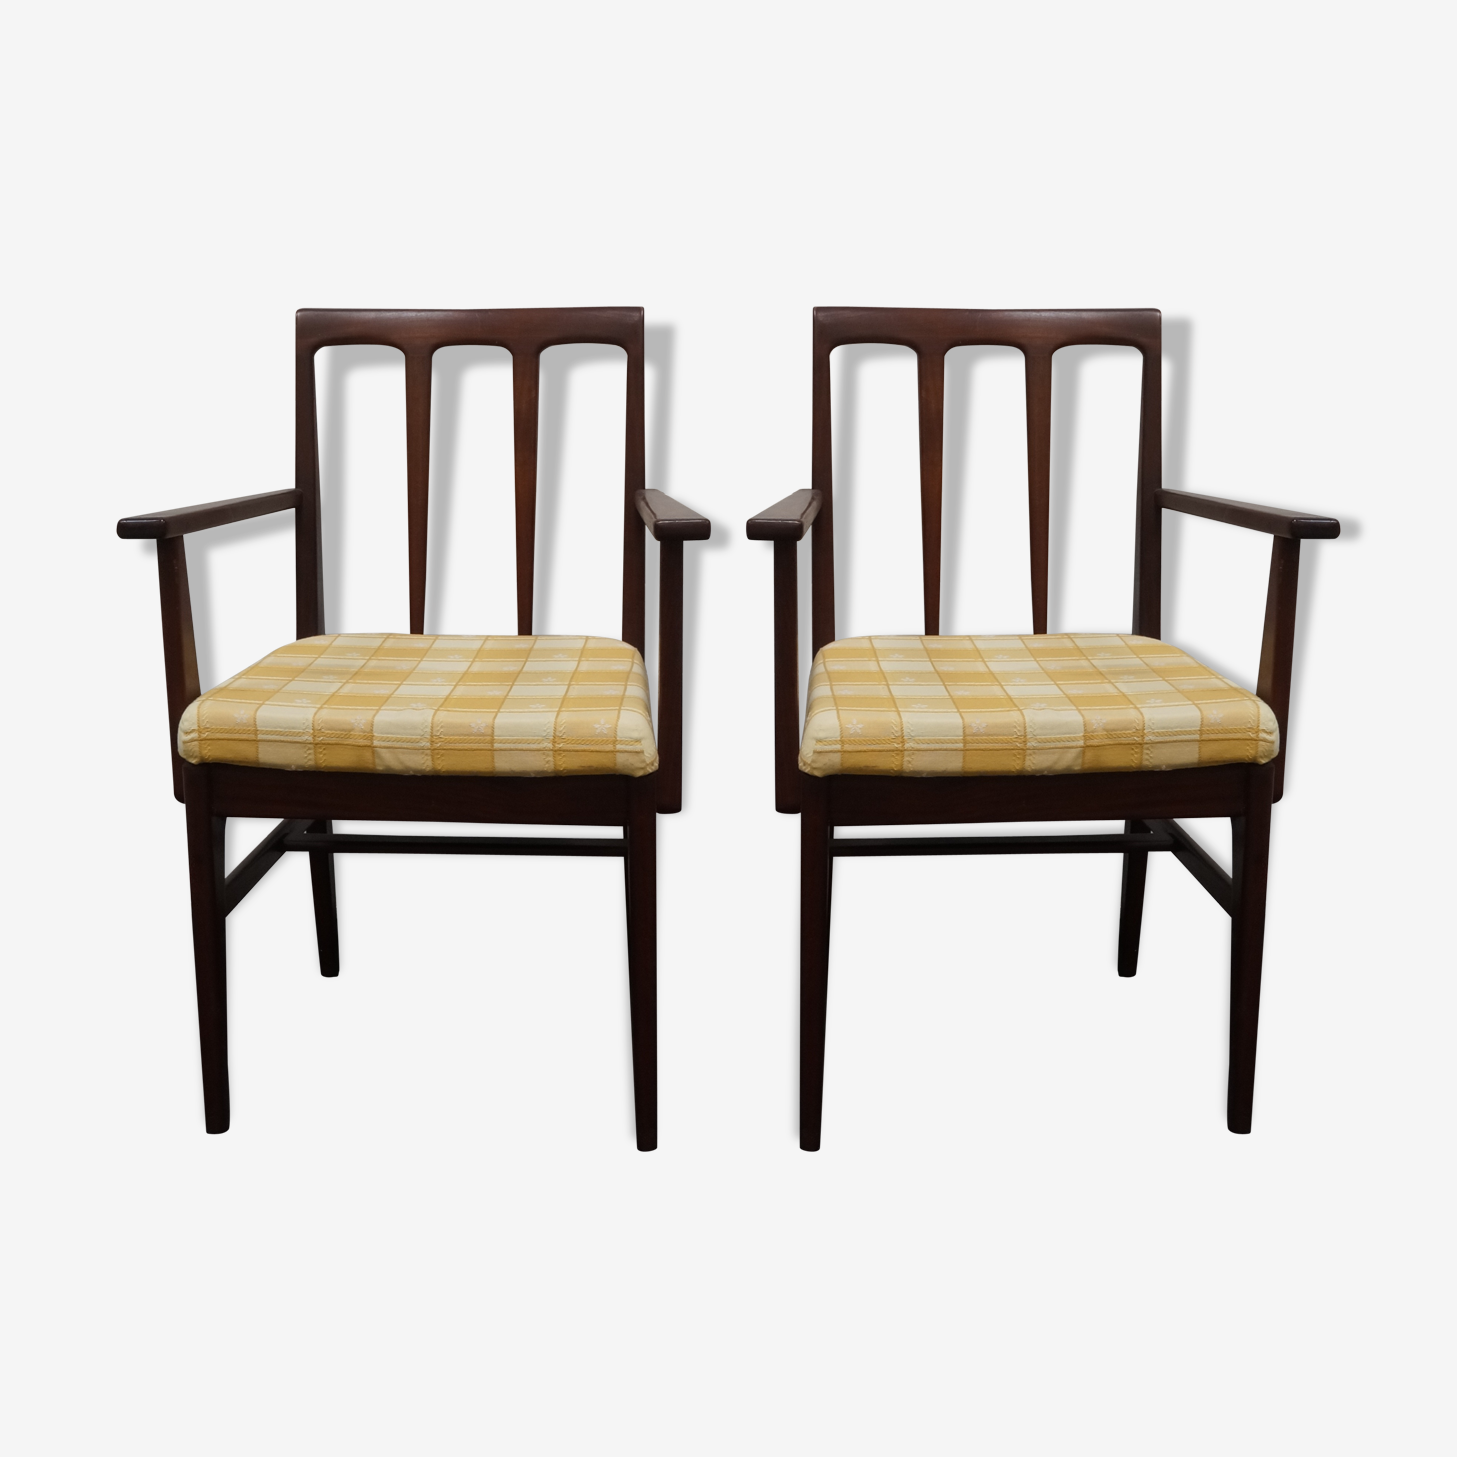 Paire de fauteuils scandinaves en teck massif